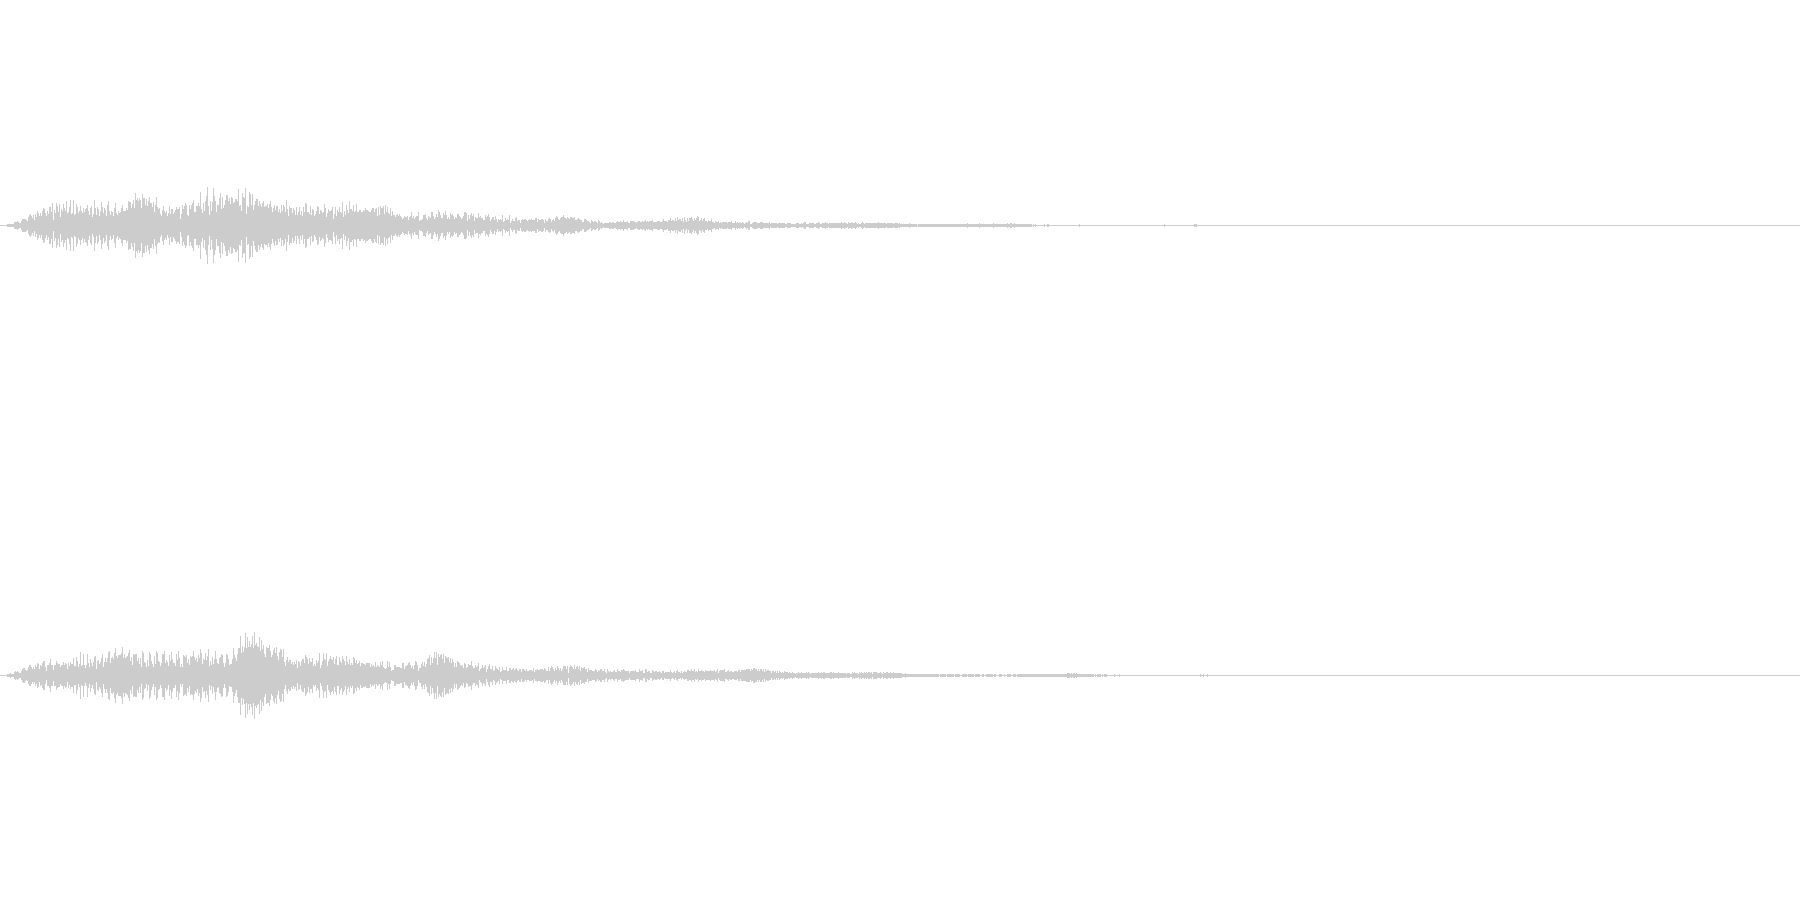 軽いタッチのボタン操作音の未再生の波形